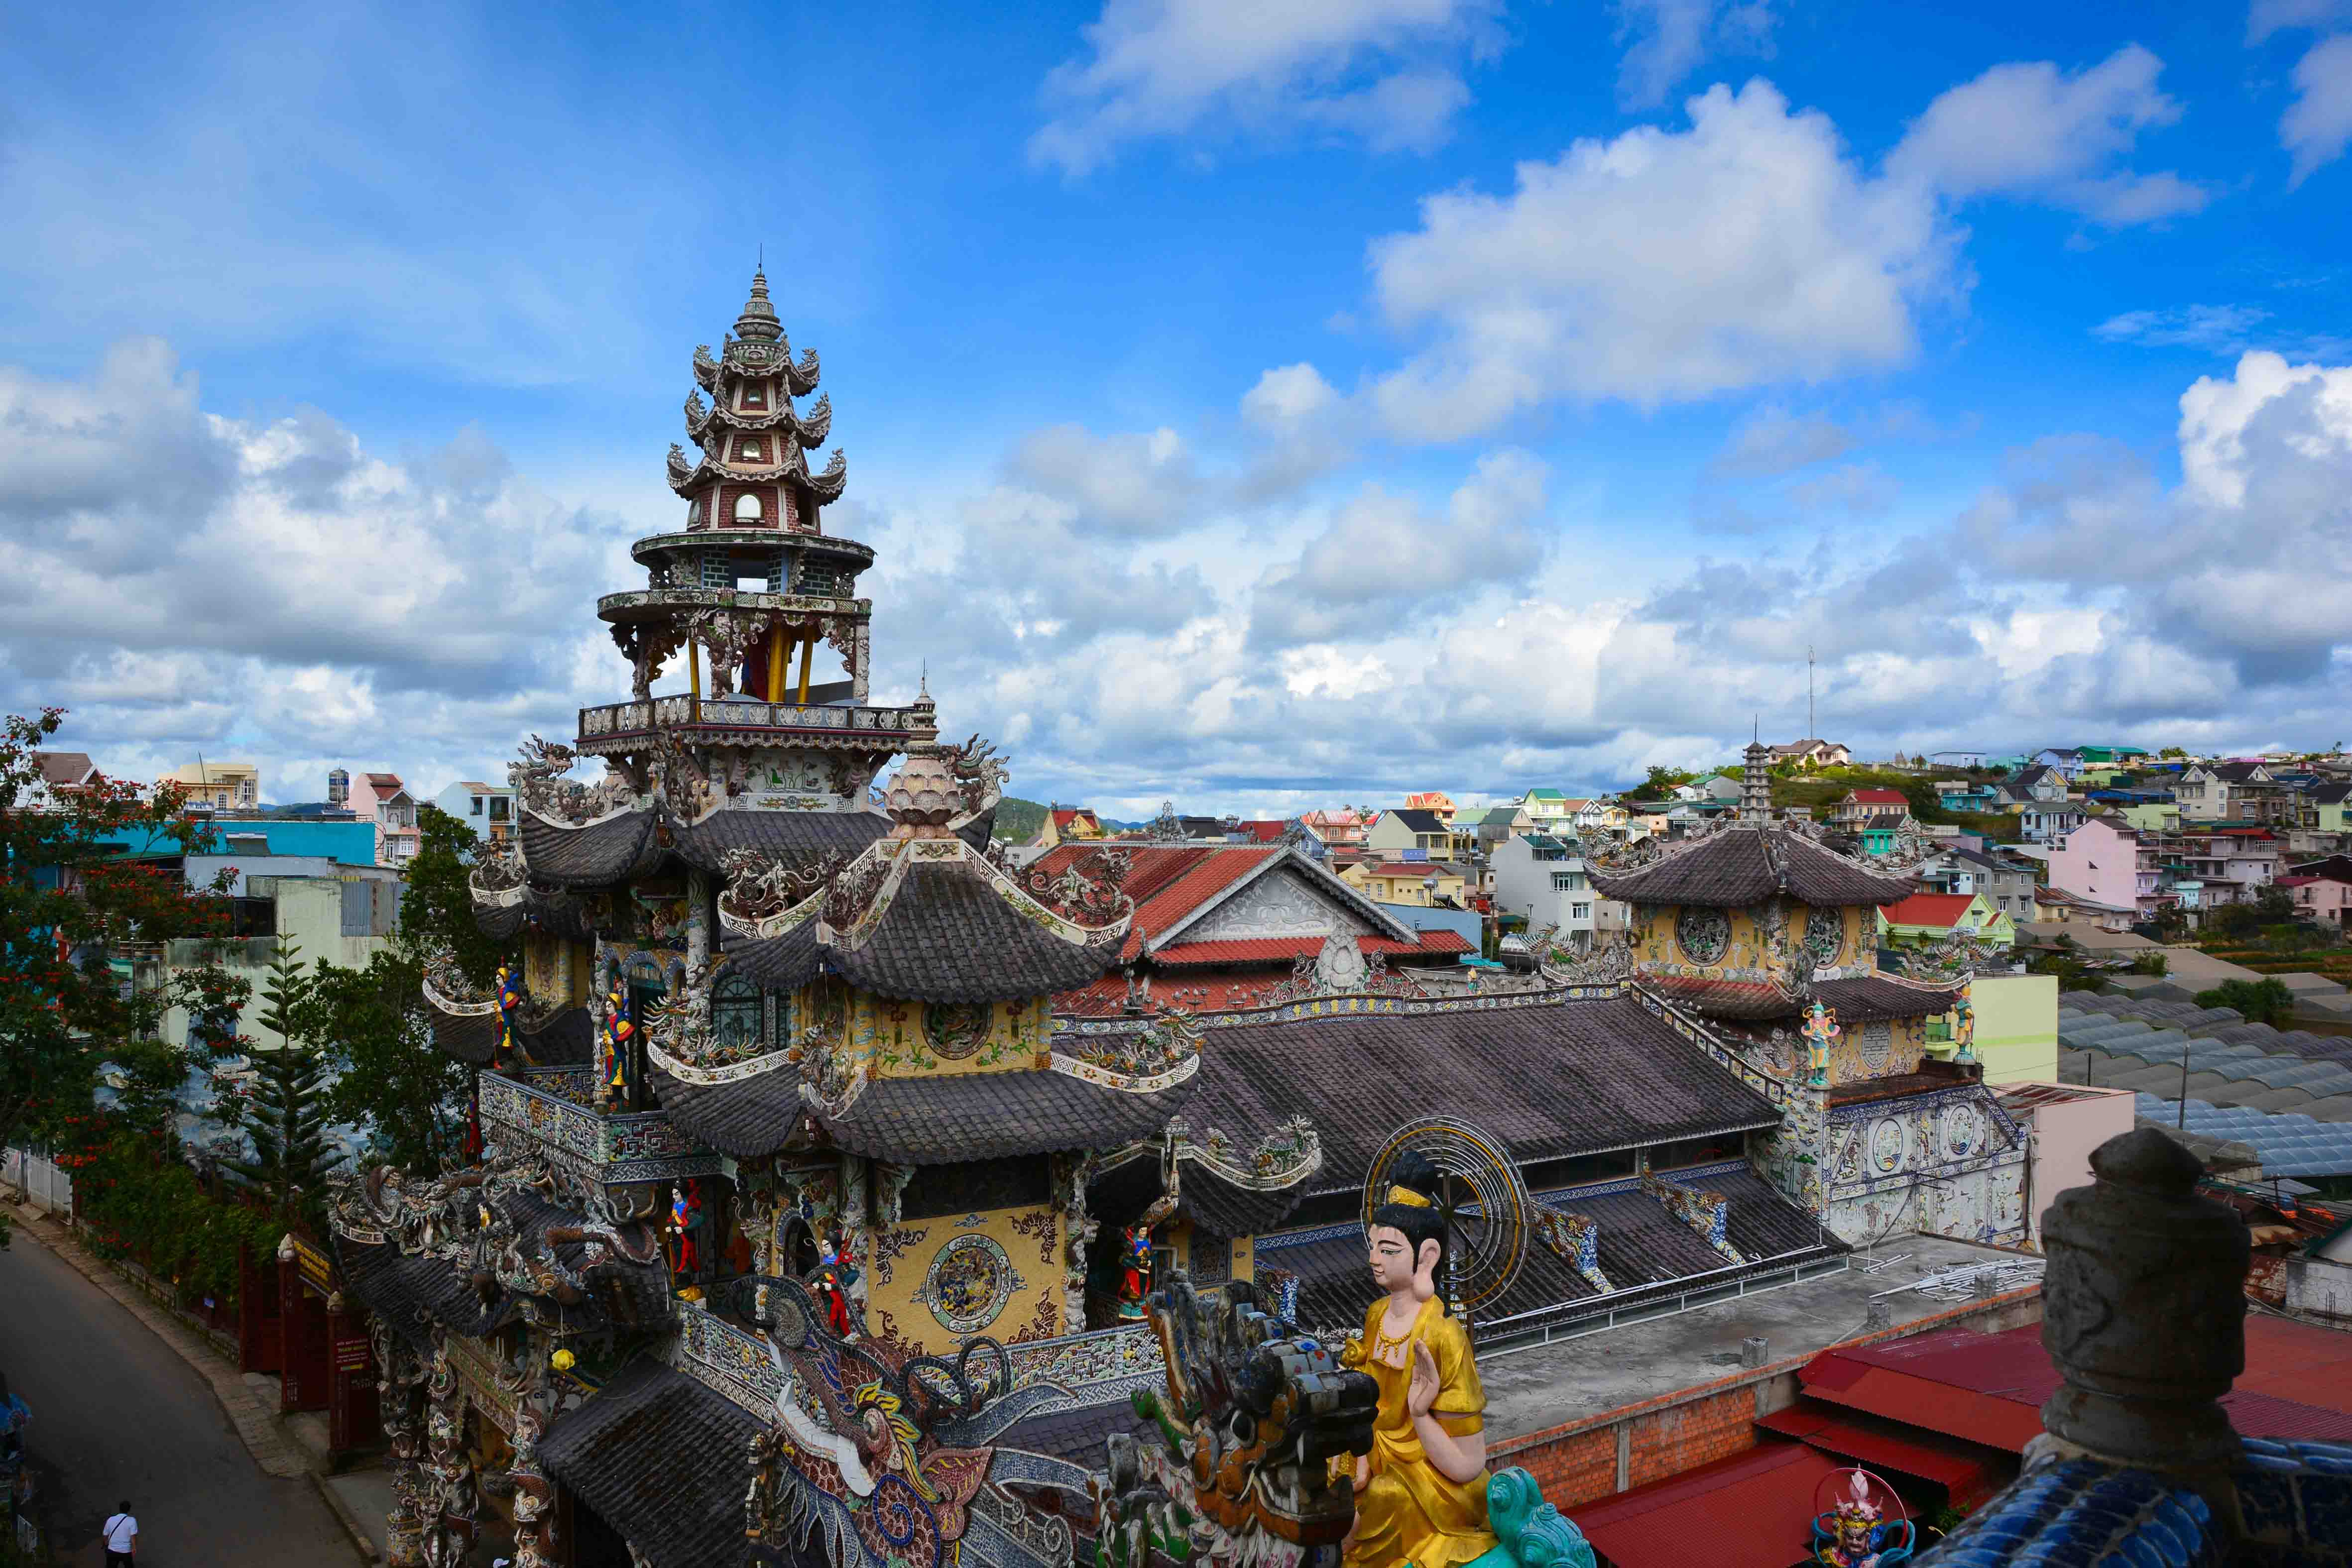 Барабинск пагода линь фуок вьетнам Центр Челябинск Север